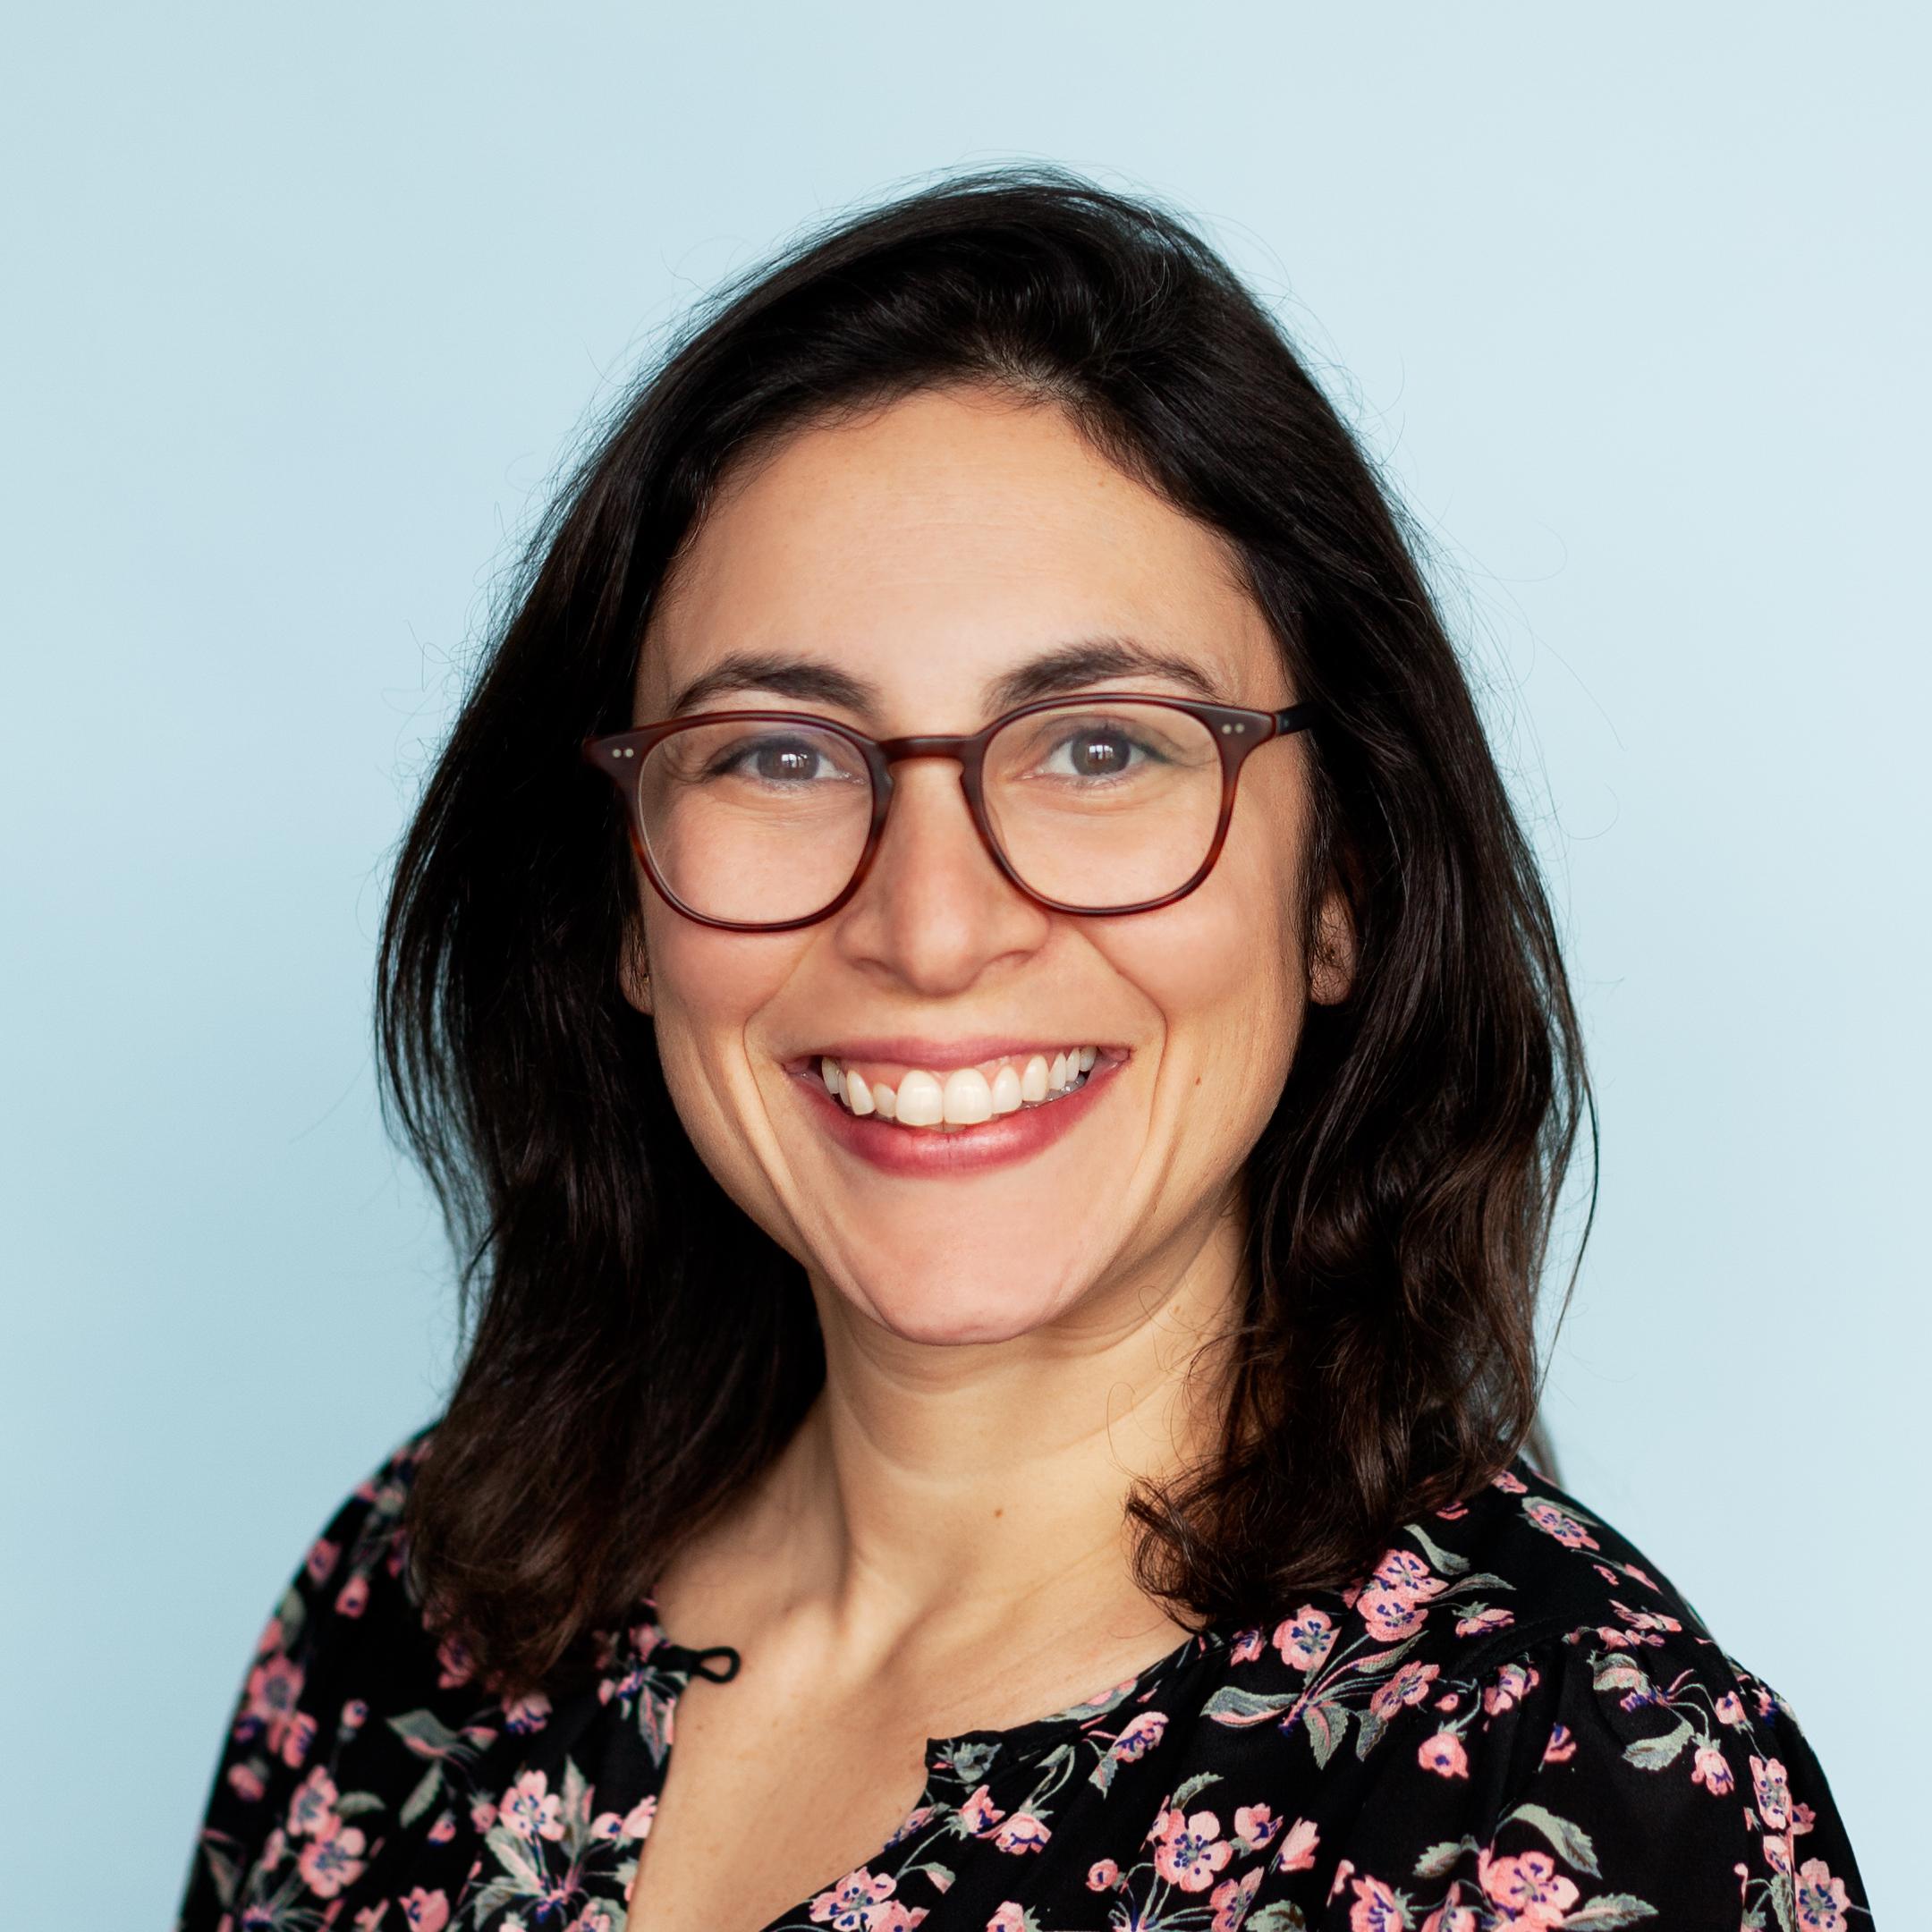 Erica Seldin